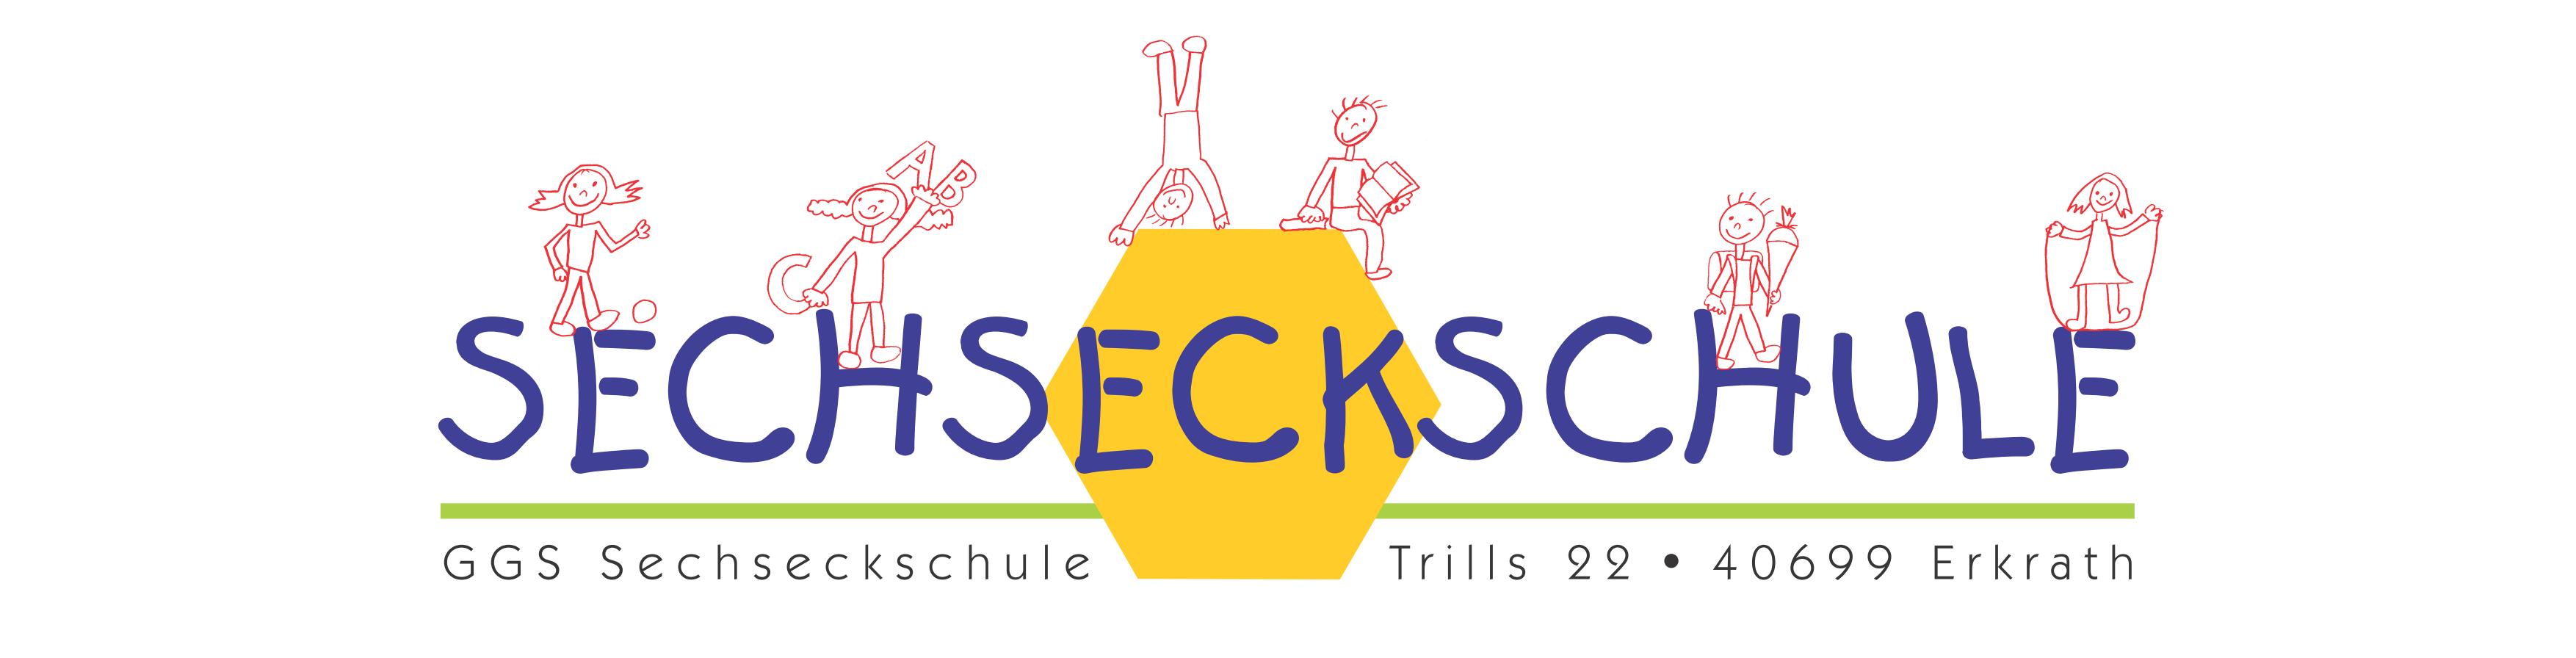 Logo for Sechseckschule